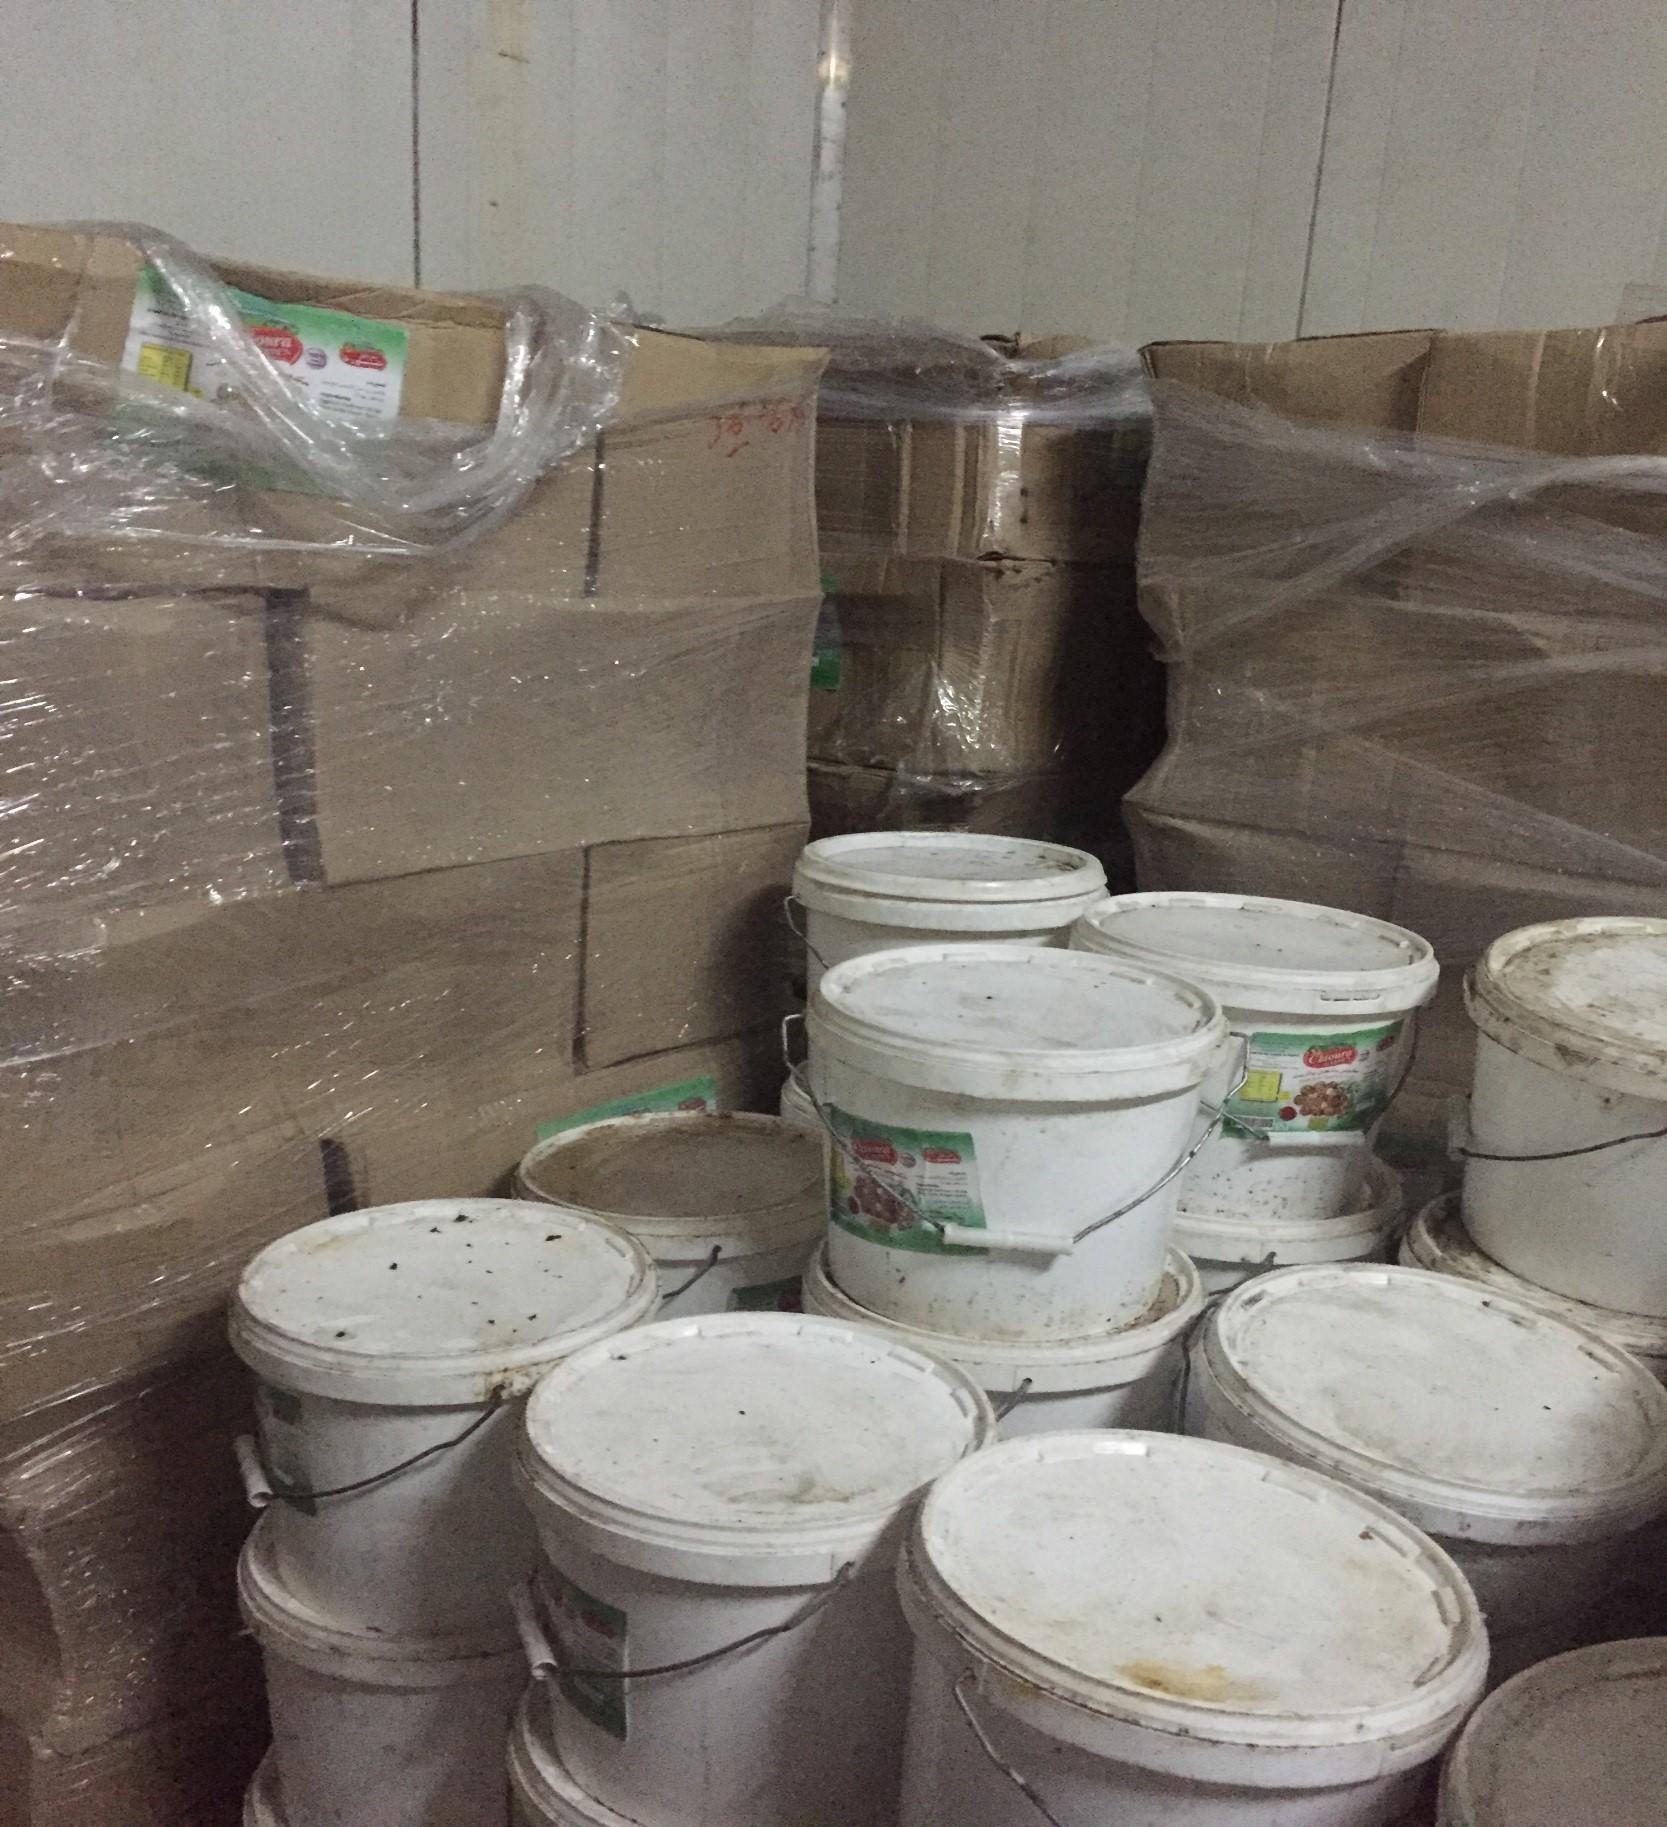 الغذاء والدواء تضبط مصنع بمدينة بريدة يحوي كميات كبيرة من مركزات العصائر منتهية الصلاحية (2)